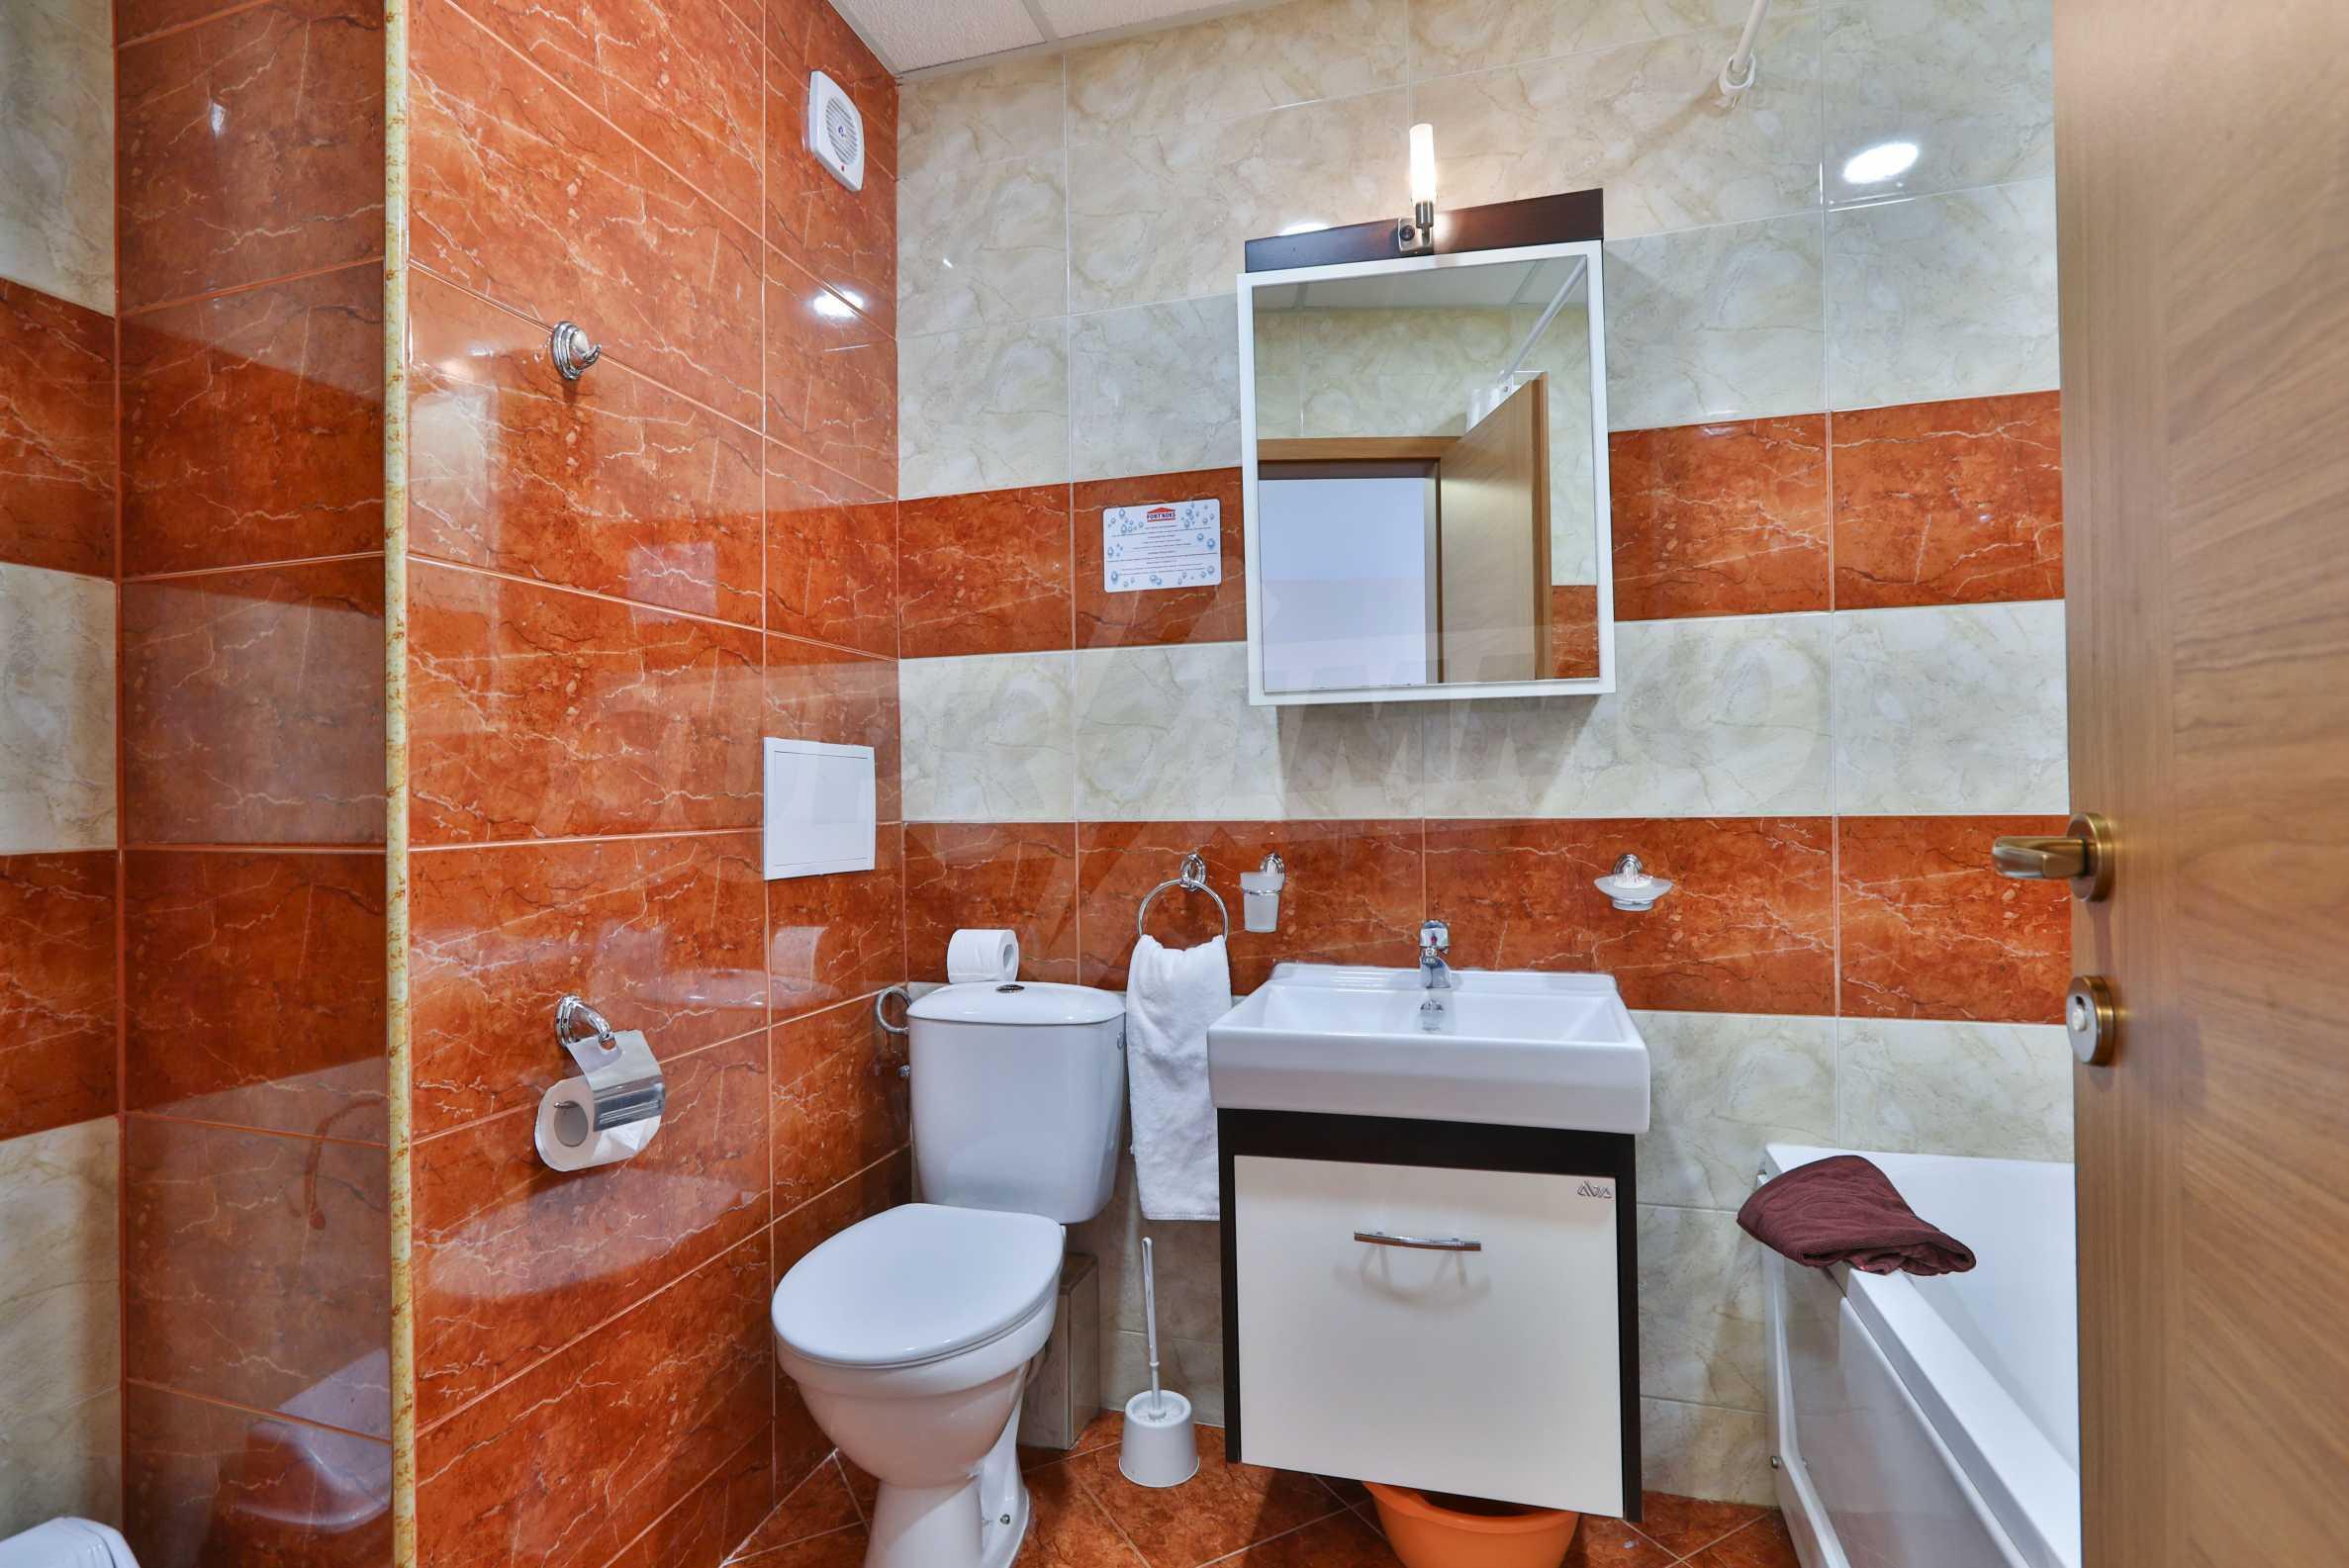 Двустаен апартамент в елитен комплекс на първа линия море 10